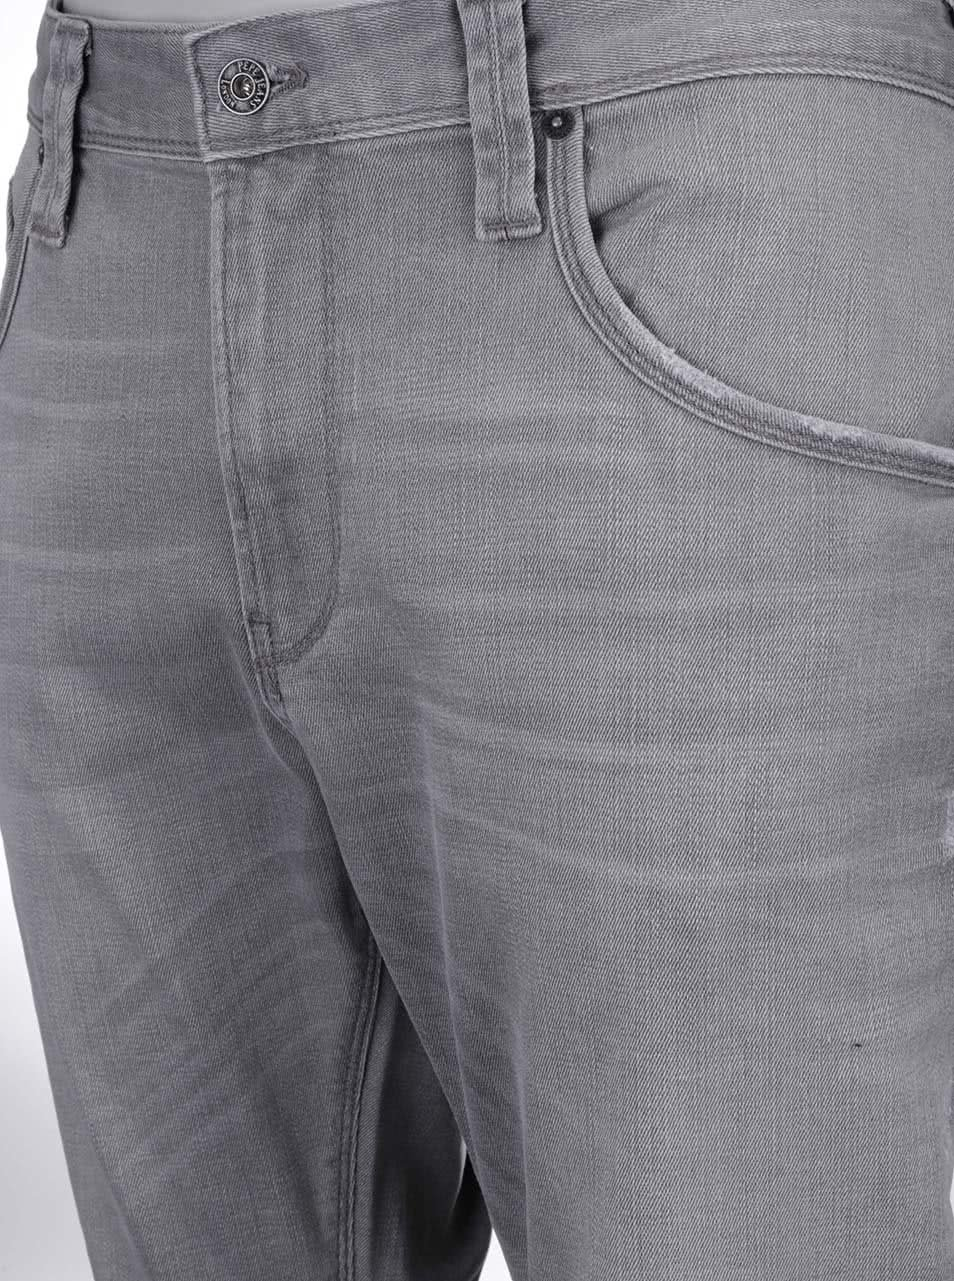 Šedé pánské slim džíny Pepe Jeans Zinc ... d8f6de2552